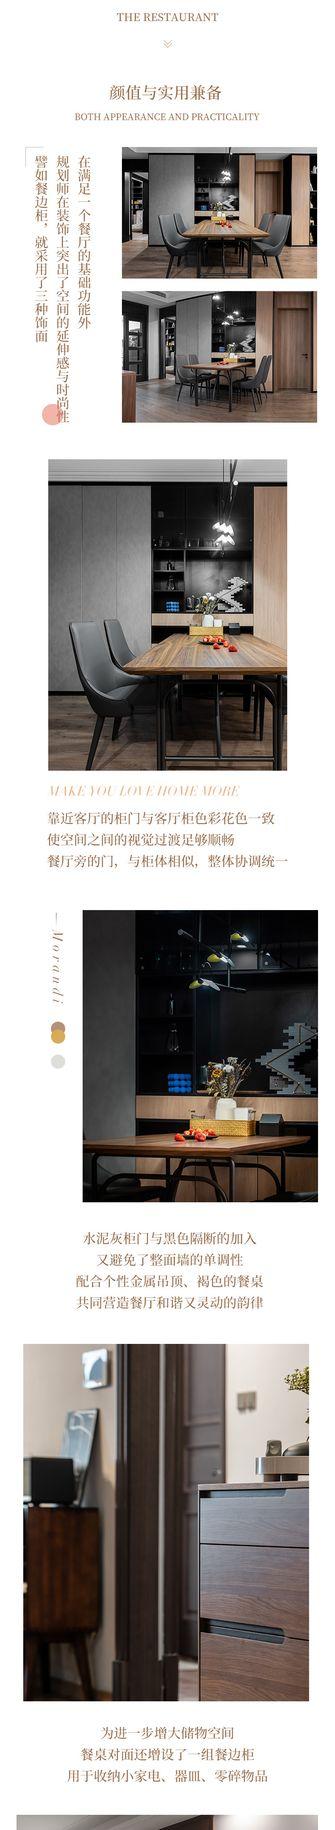 140平米四美式风格餐厅装修效果图